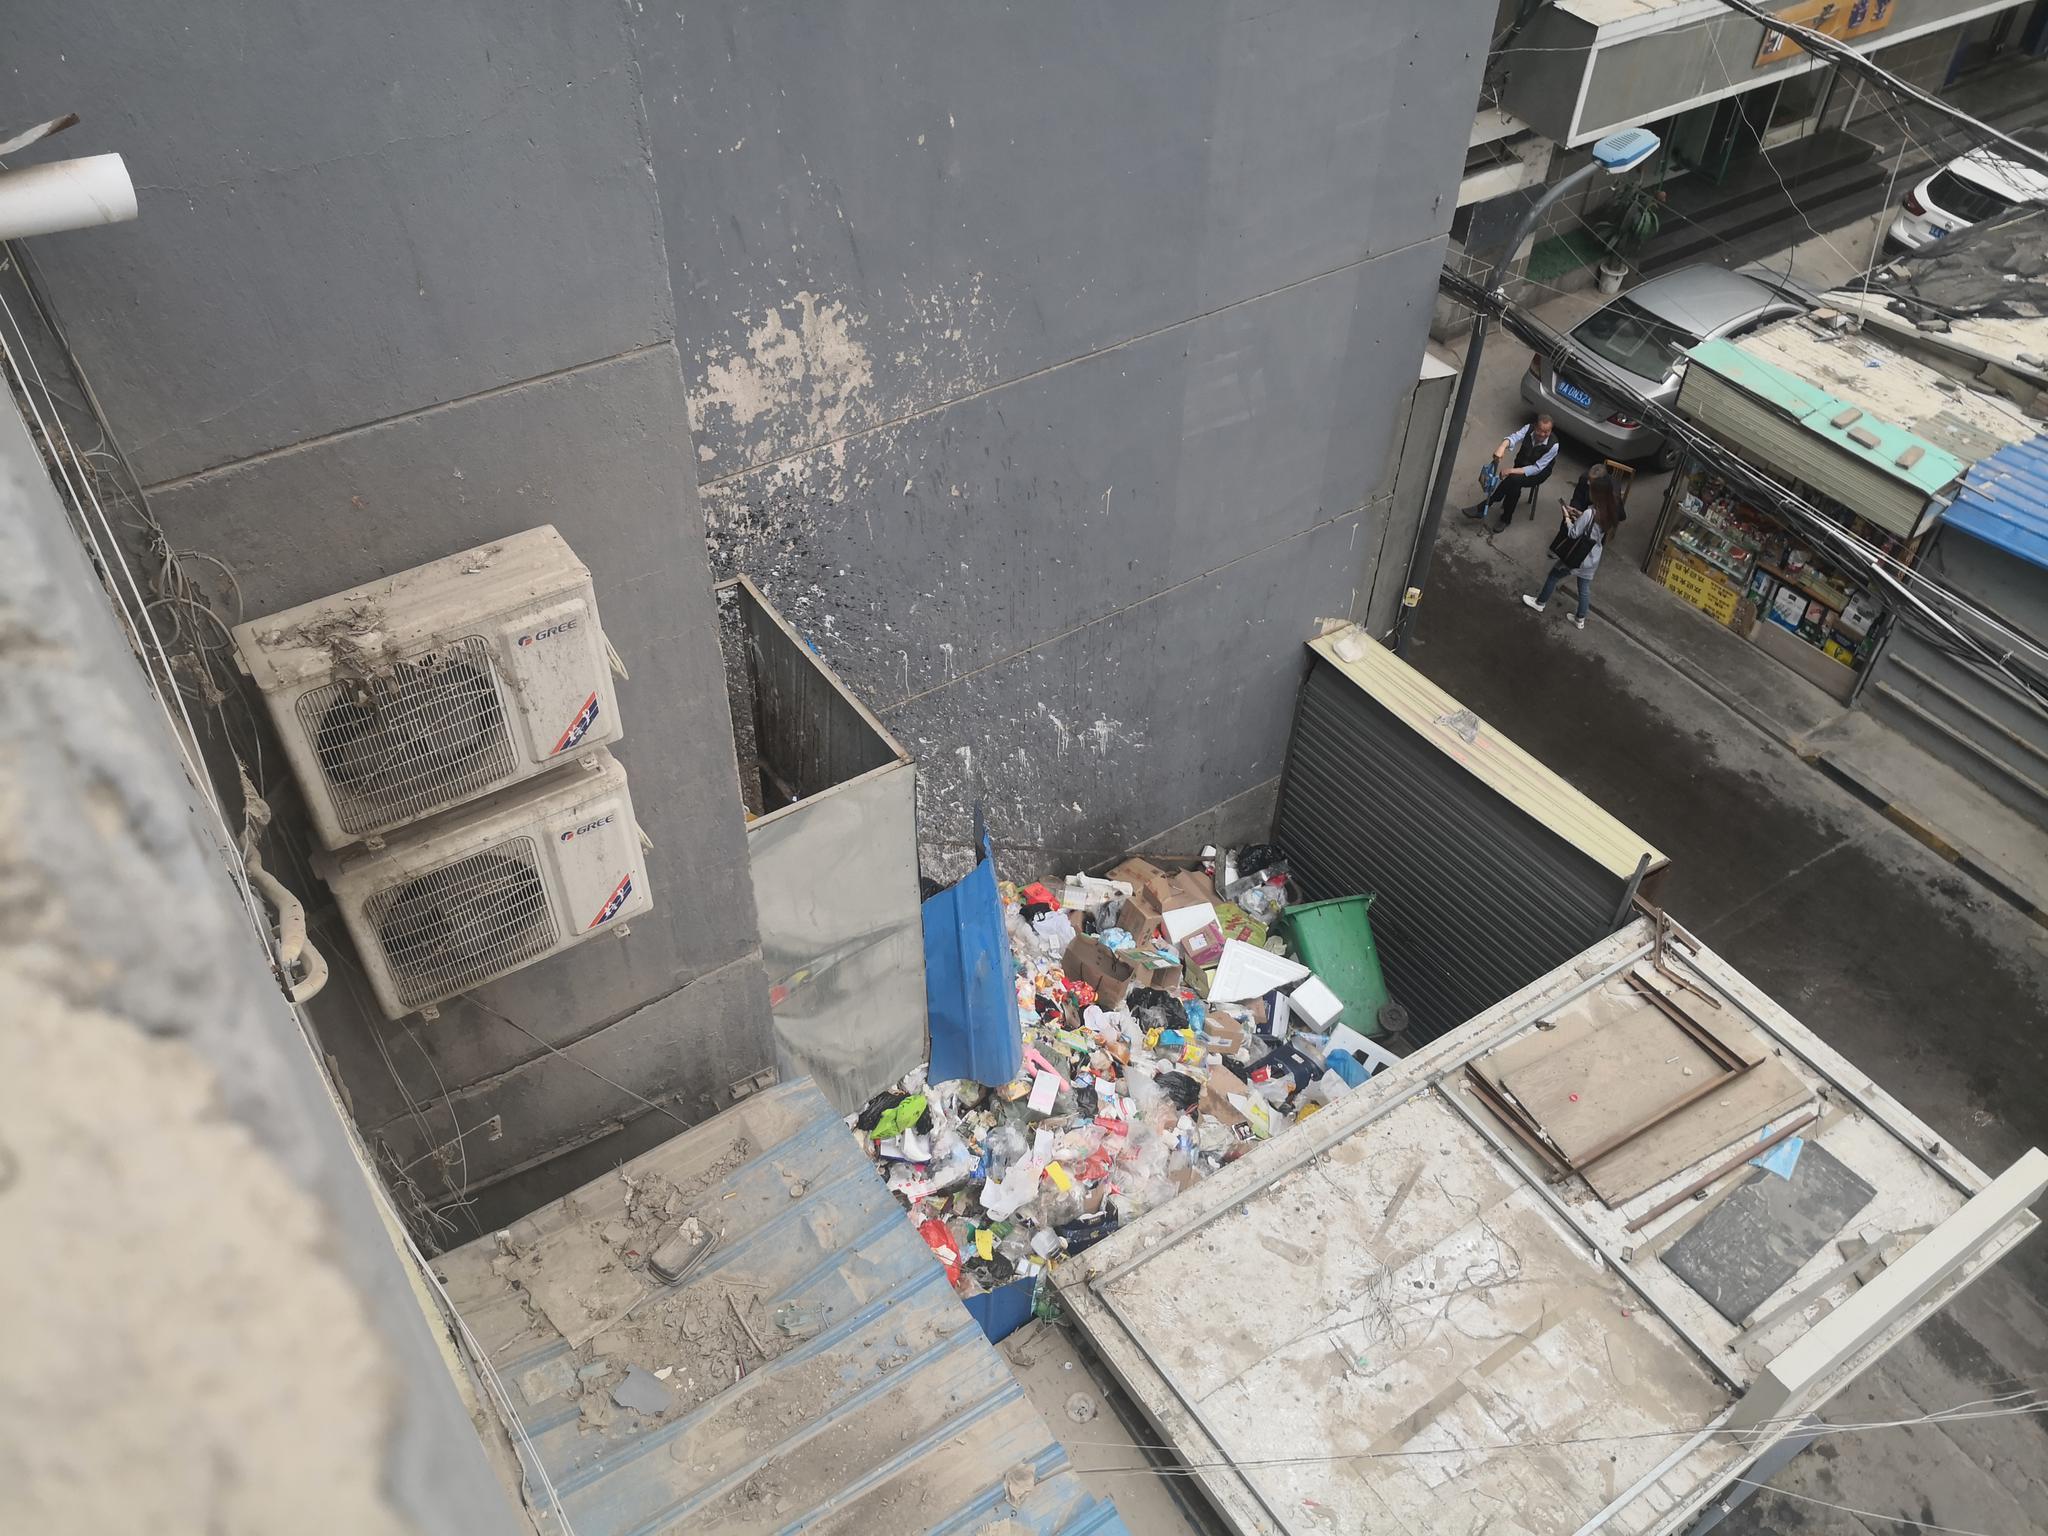 贡元巷垃圾堆到了二楼 居民渴望洁净的生活环境